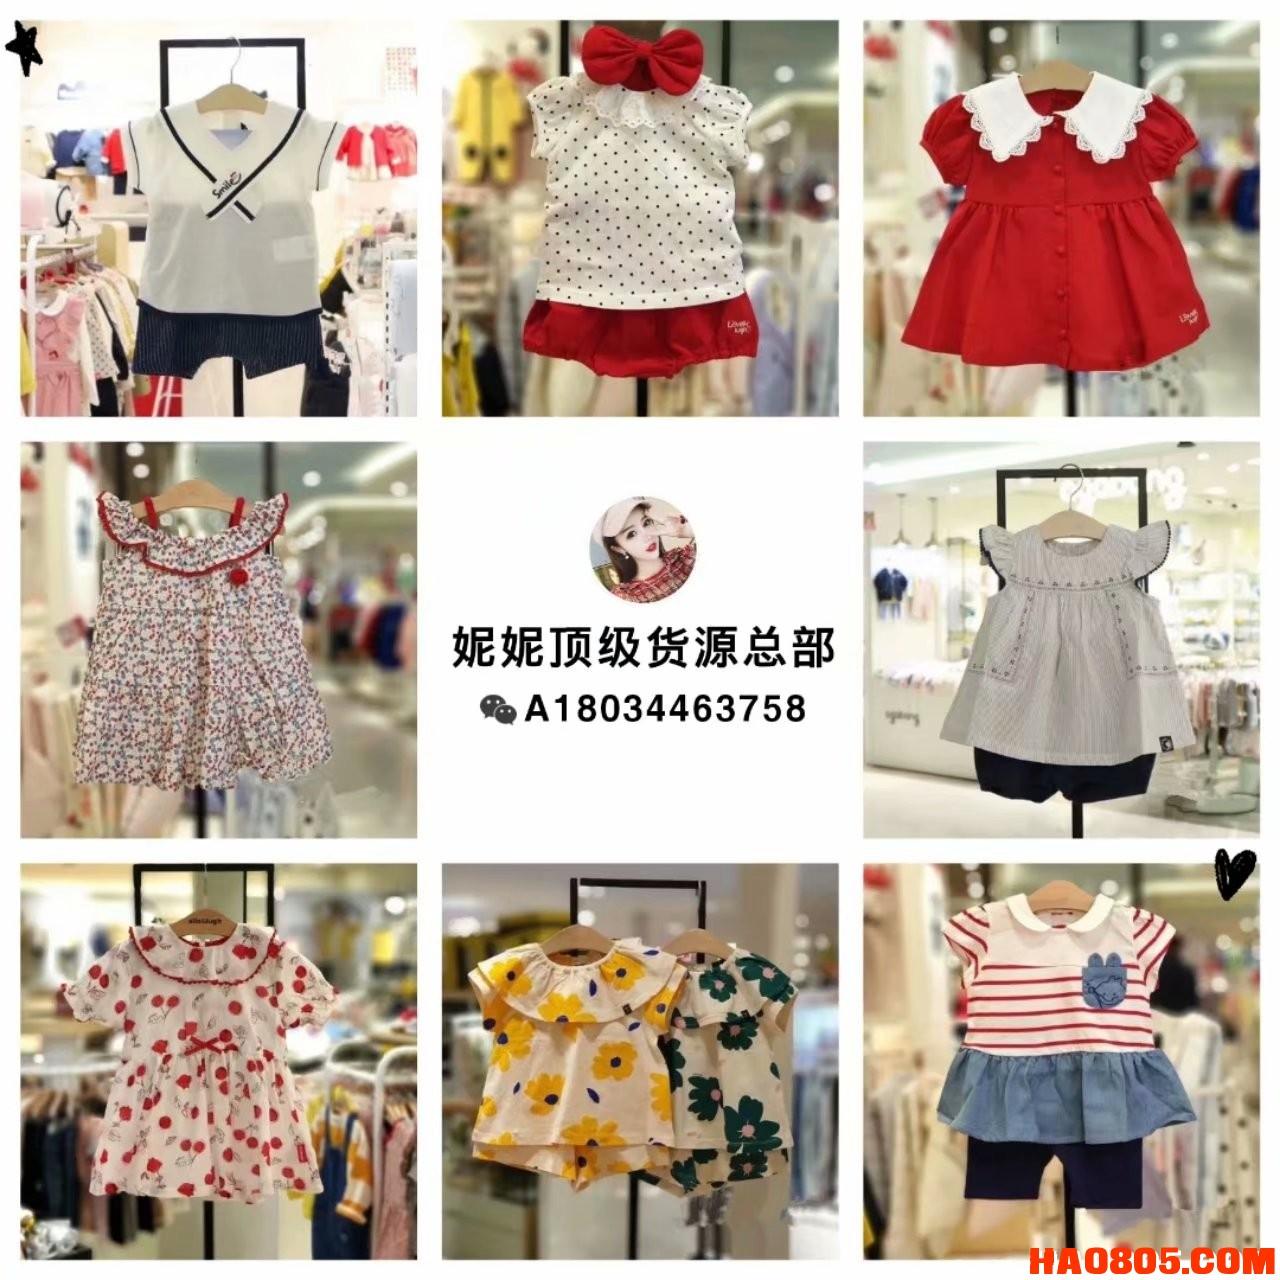 微商怎么找真正的一手货源,女装、童装厂家货源一件代发! 105997